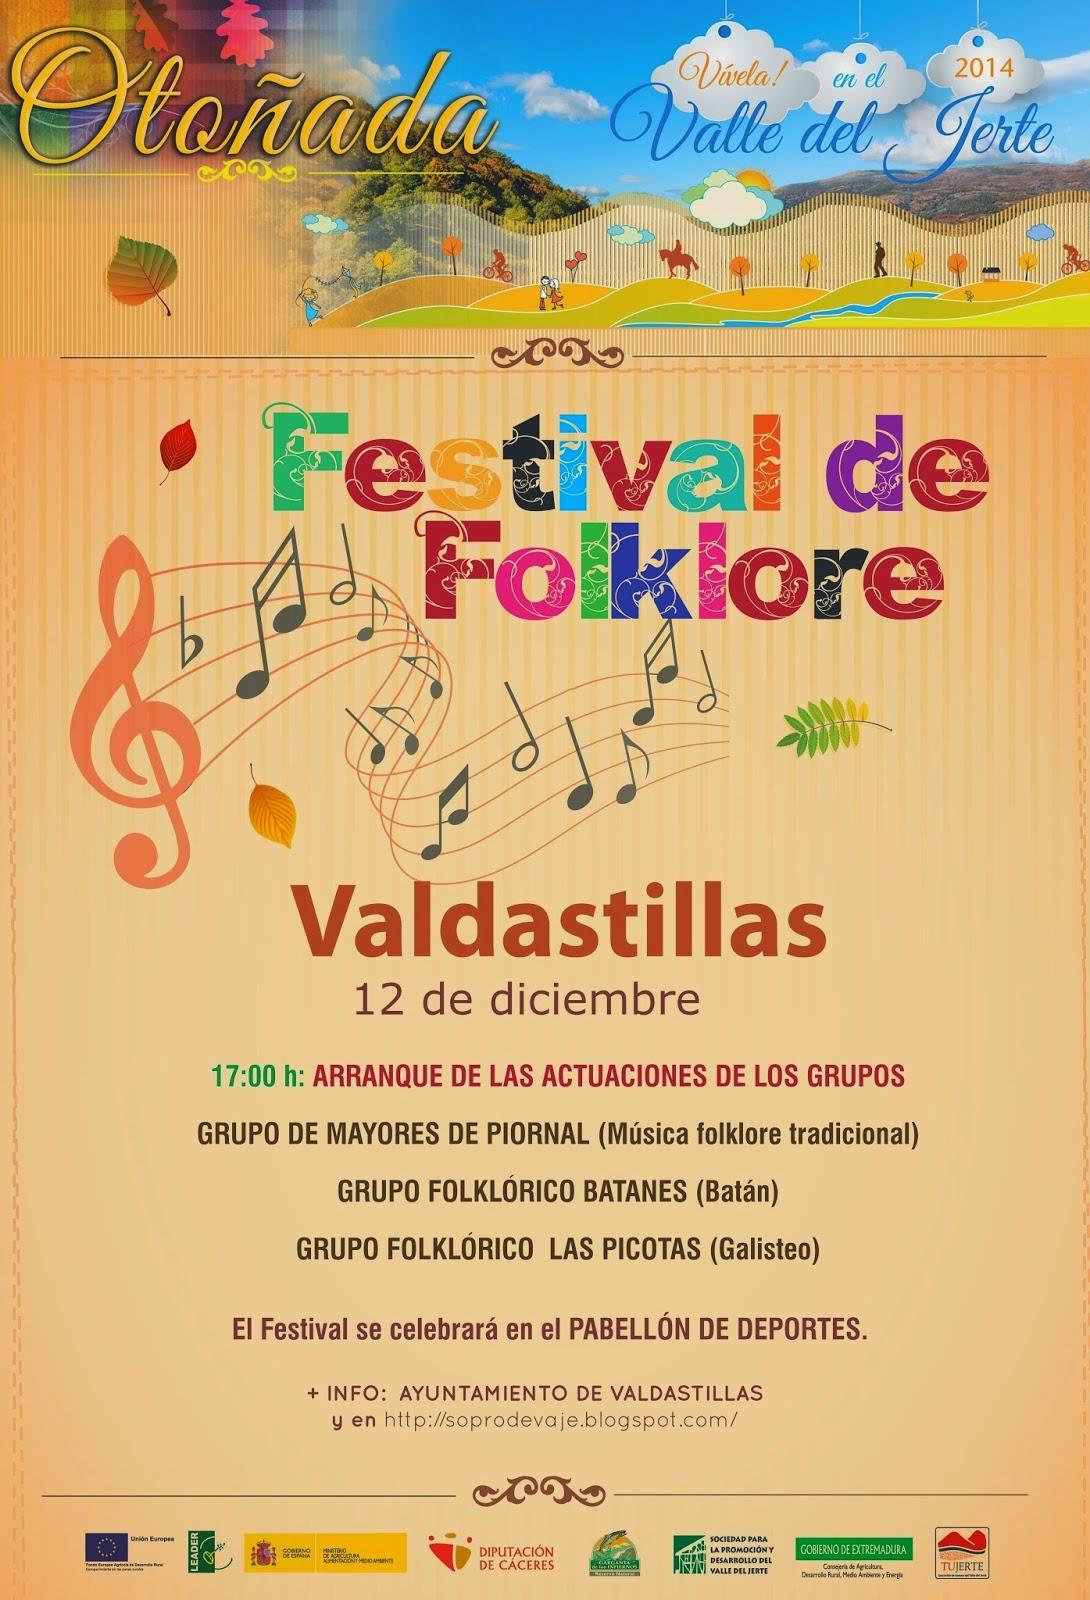 FESTIVAL DE FOLKLORE (Valdastillas)